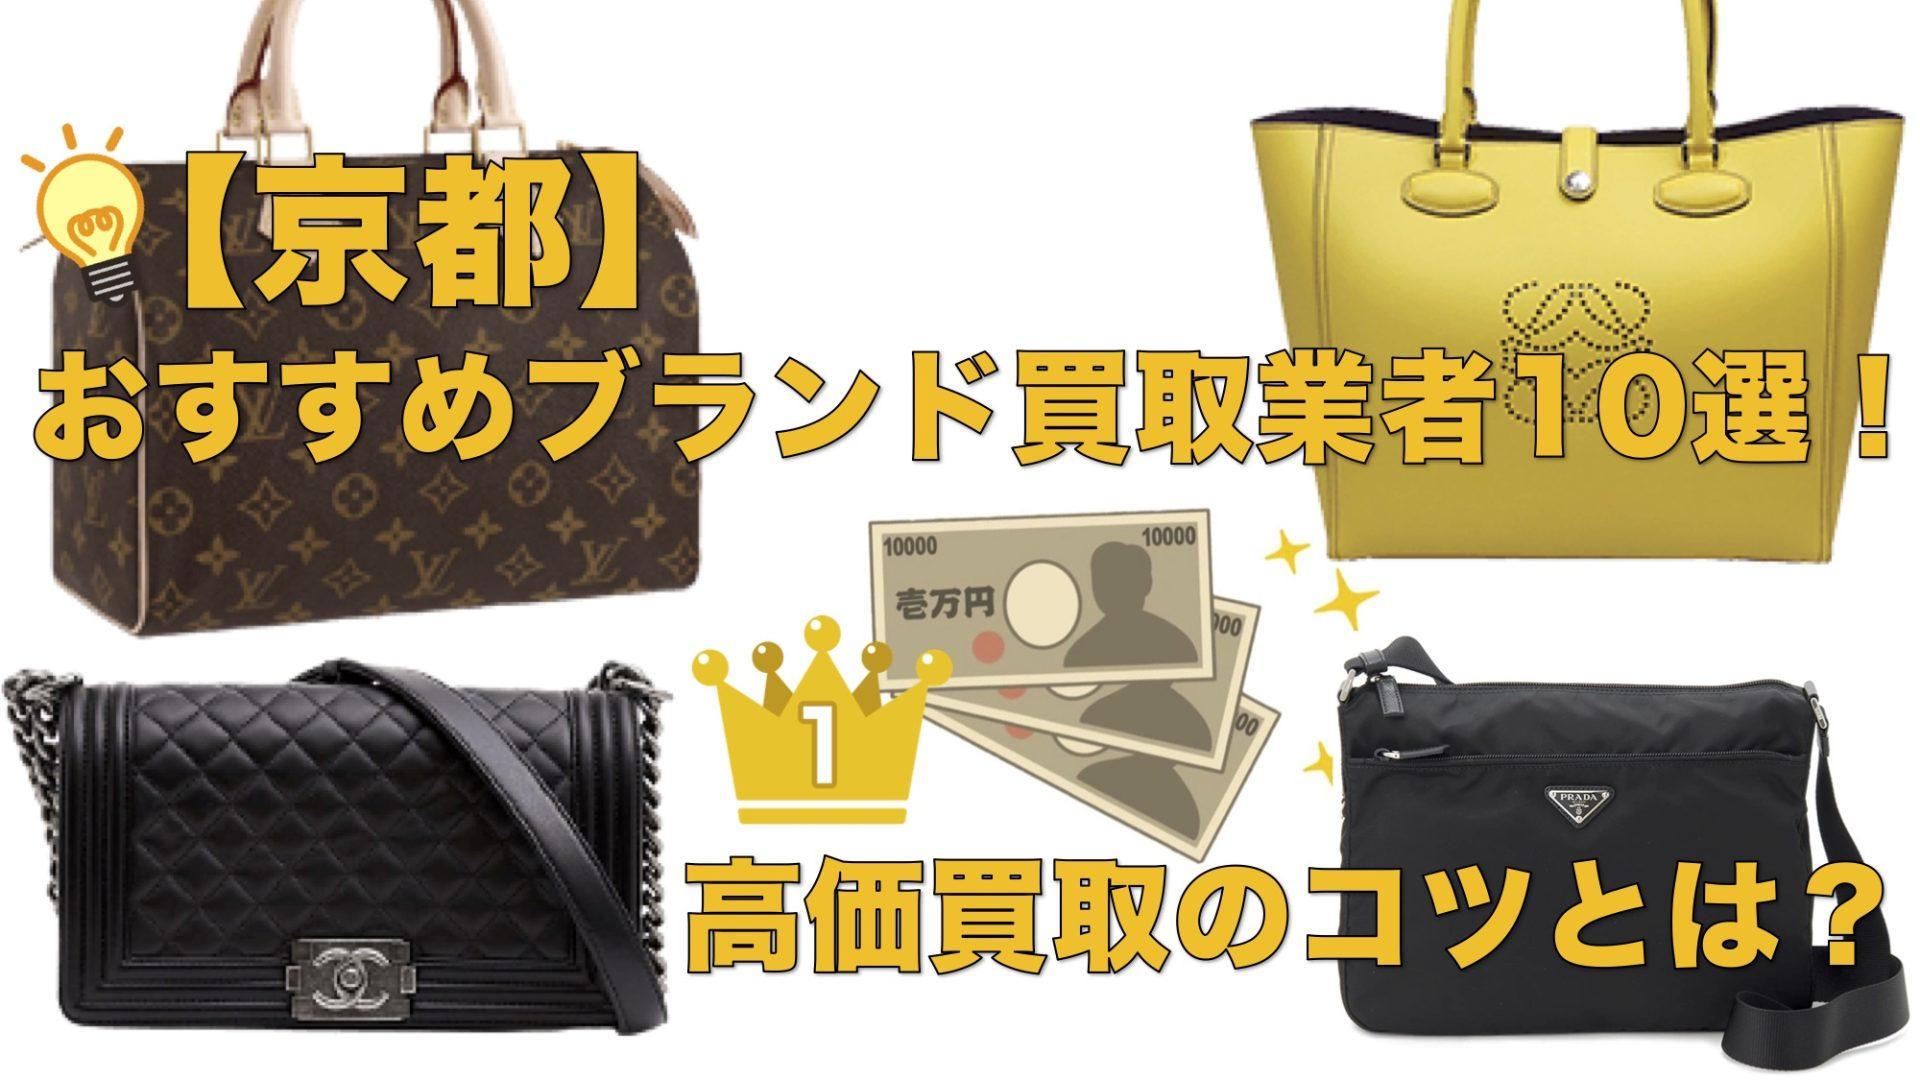 【京都】おすすめブランド買取業者10選!高額査定を引き出すコツは? アイキャッチ画像